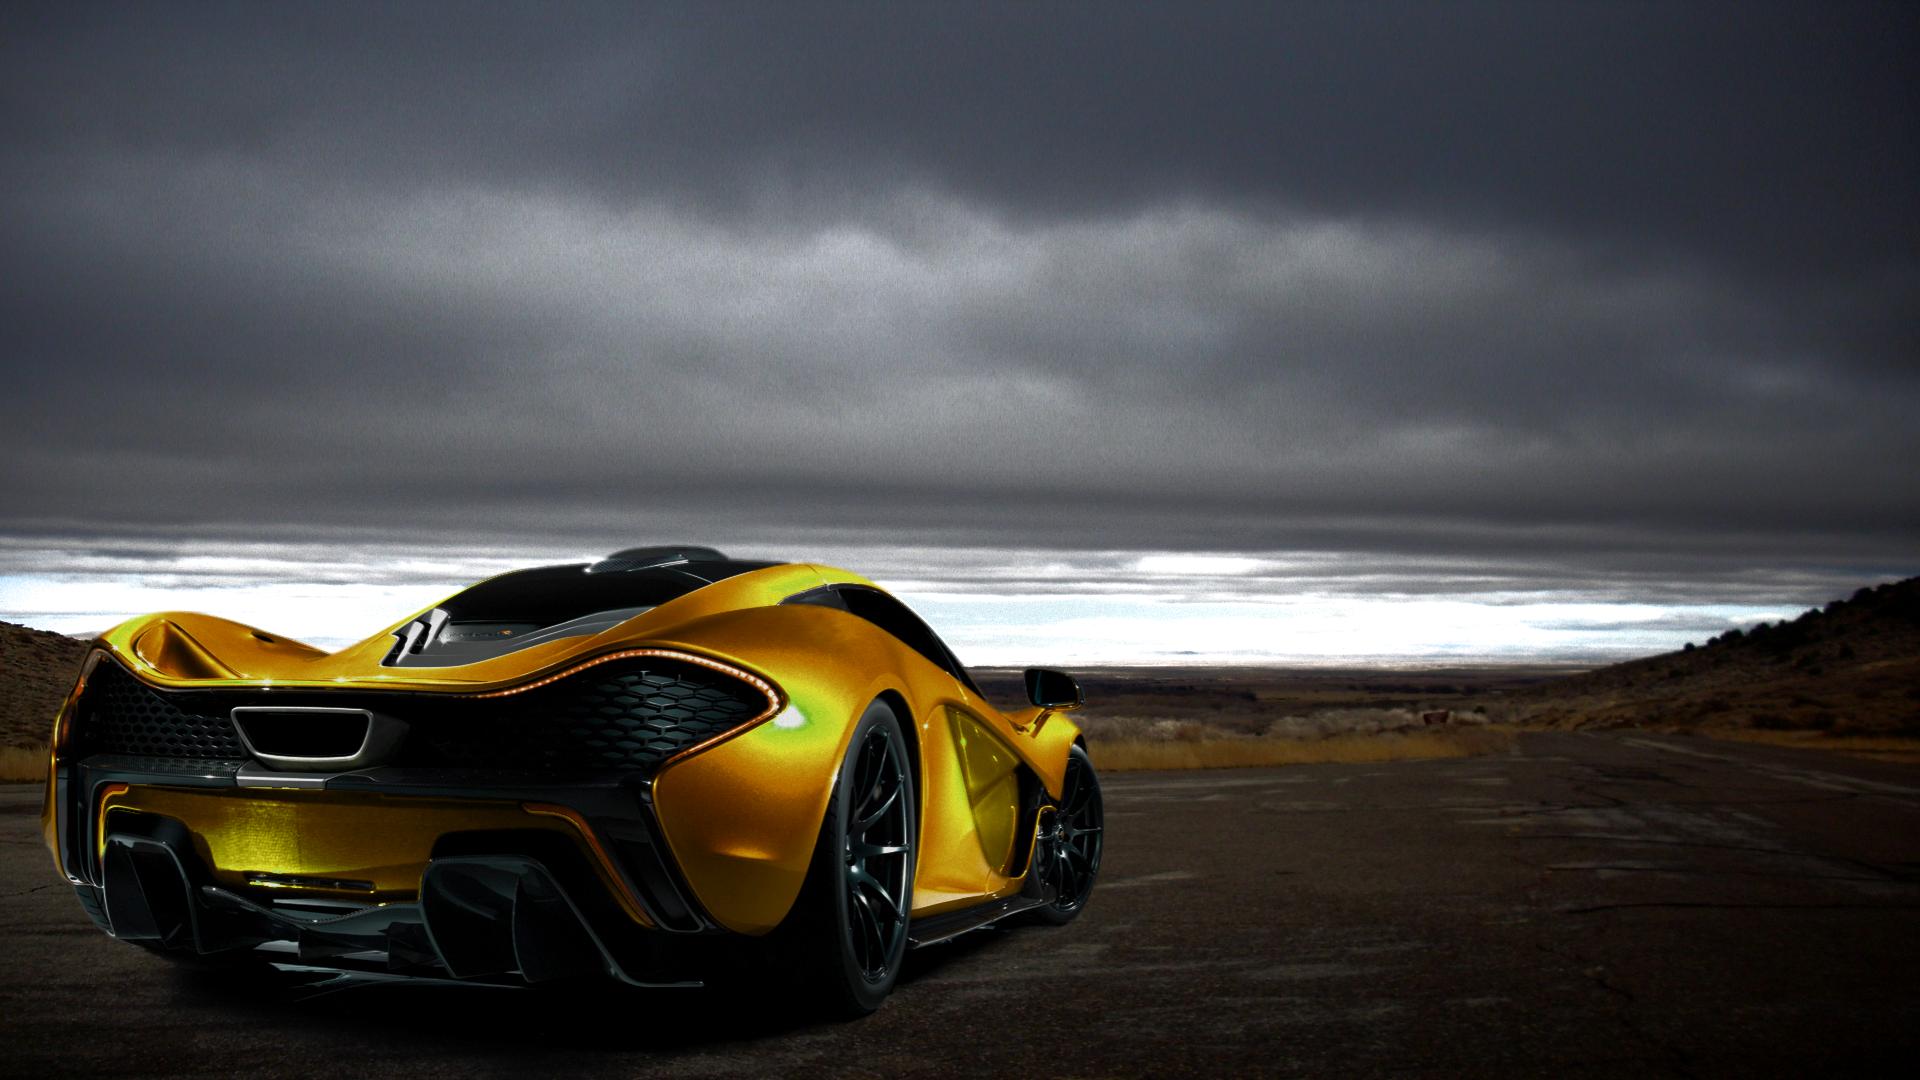 WallpapersWidecom Lamborghini HD Desktop Wallpapers for